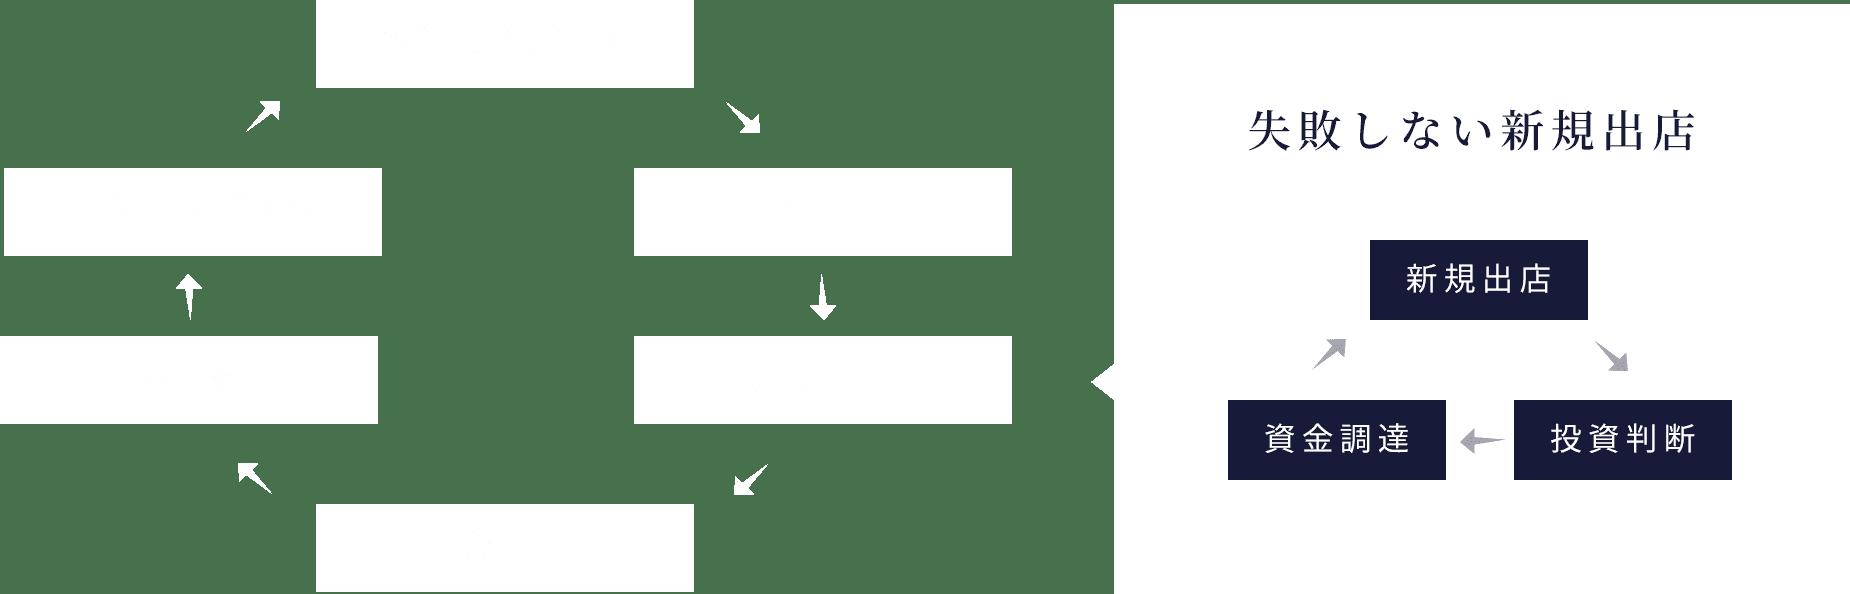 予算実績管理→CFM→新規出店→会 計→税 務→リスクマネジメント 失敗しない新規出店 新規出店→投資判断→資金調達